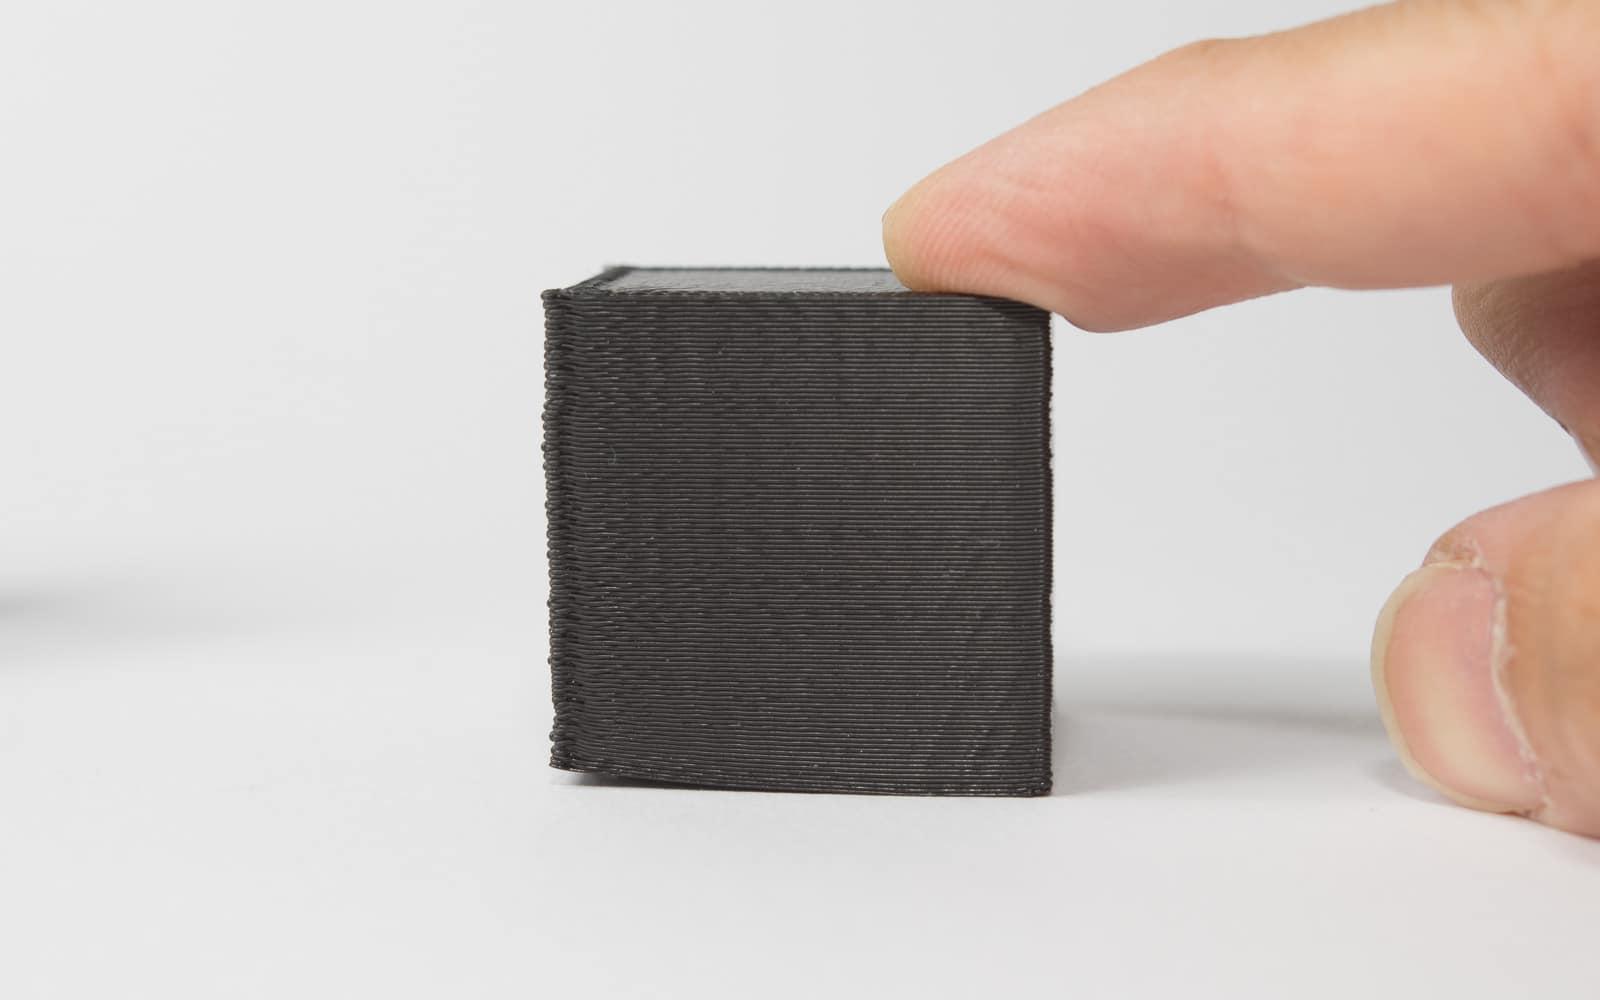 تاب یک قطعه ABS مشکی پرینت شده در ضخامت لایه 200 میکرون